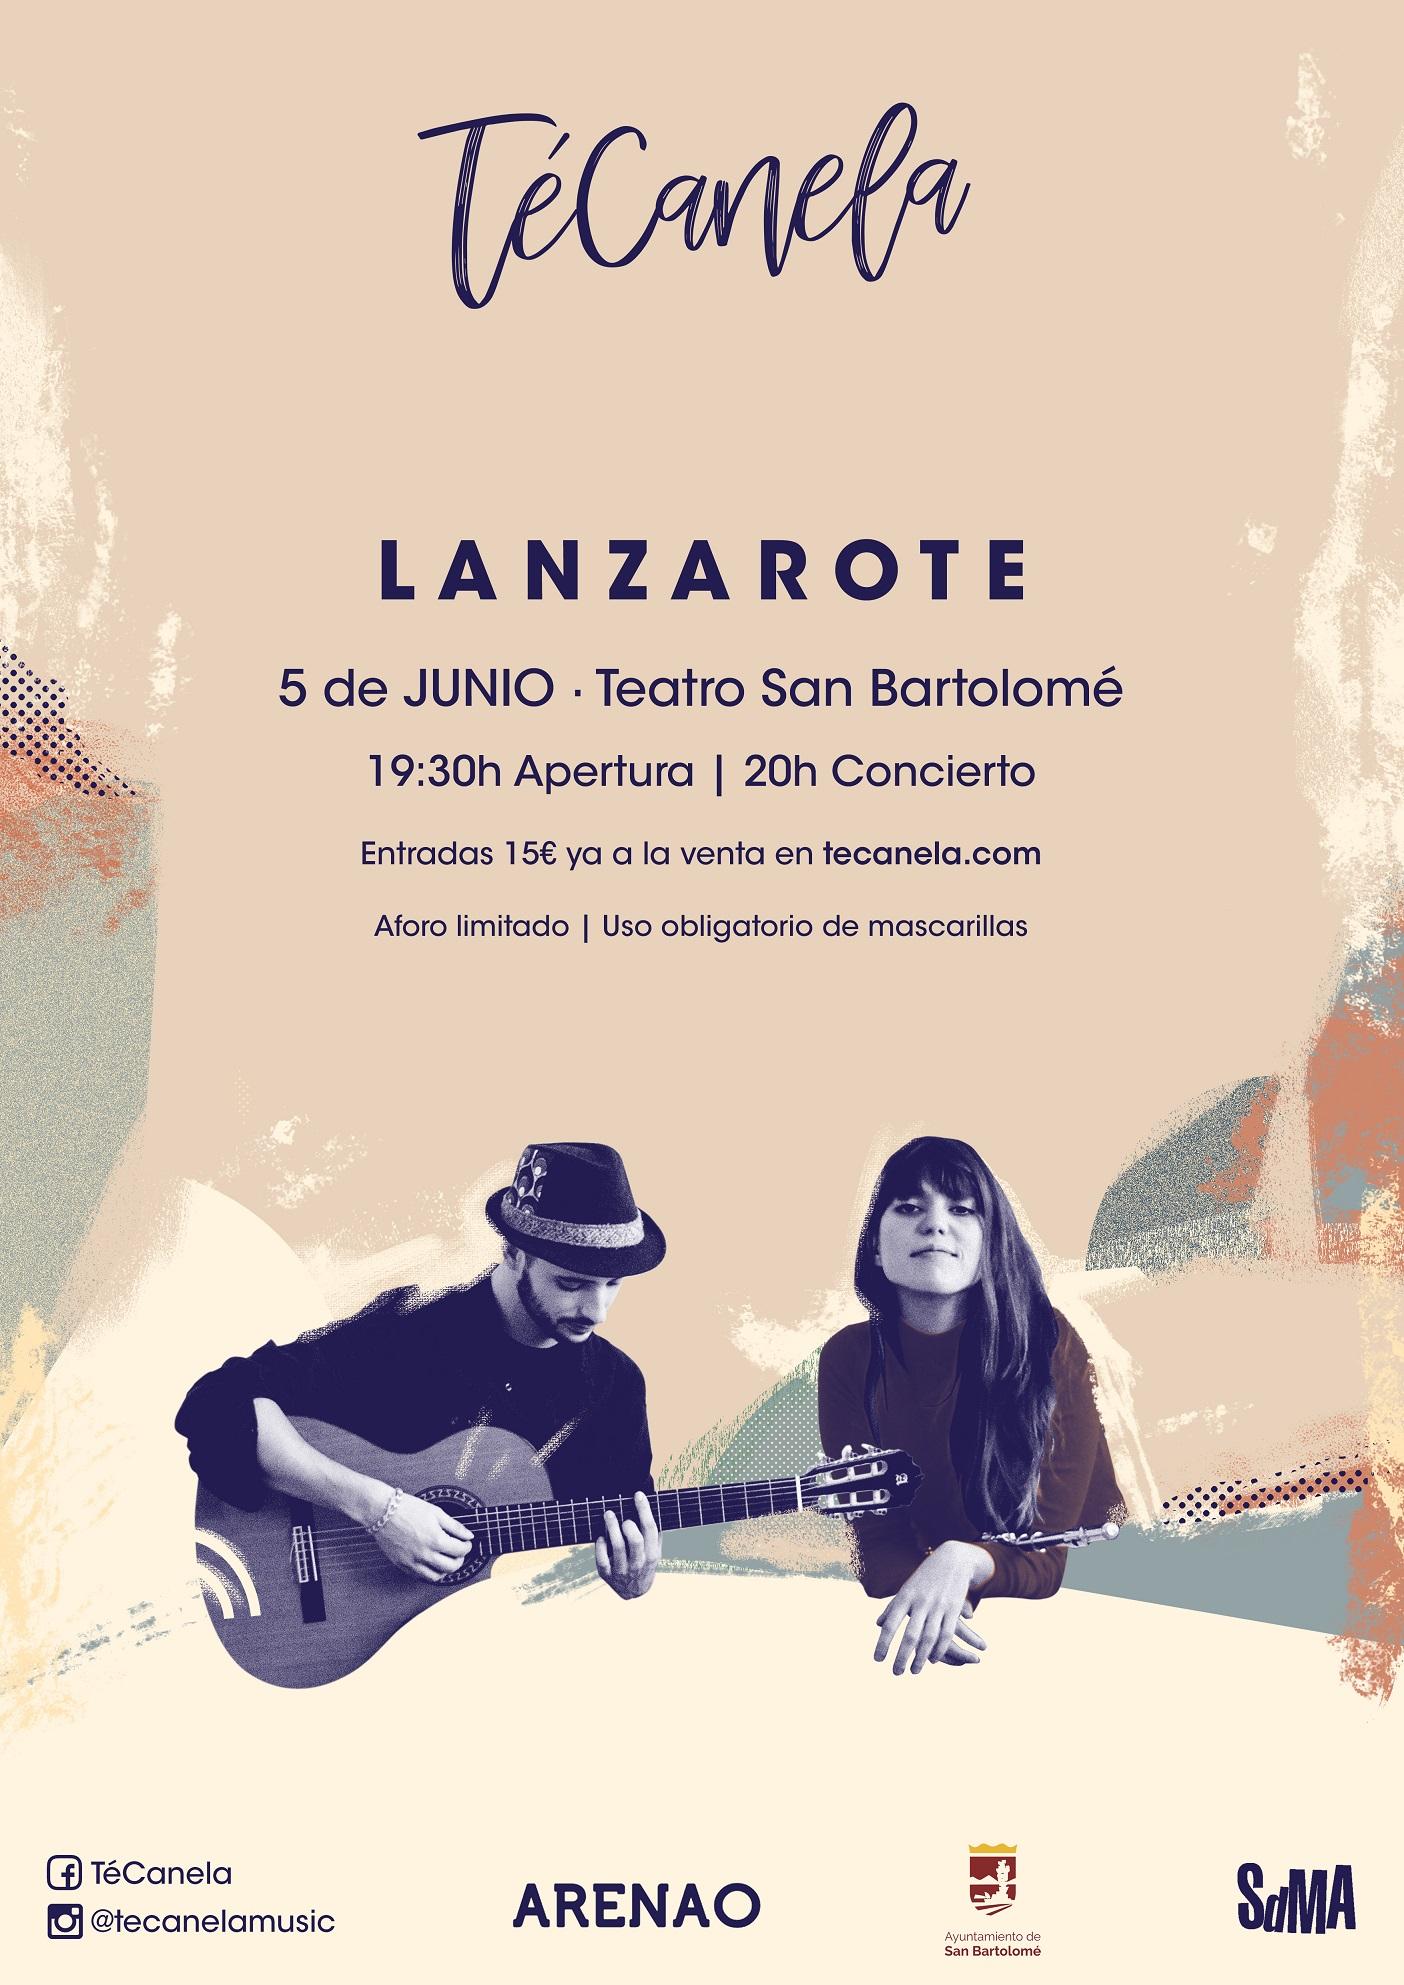 Concierto de TÉCANELA en el Teatro de San Bartolomé el sábado 5 de junio a las 20.00 horas